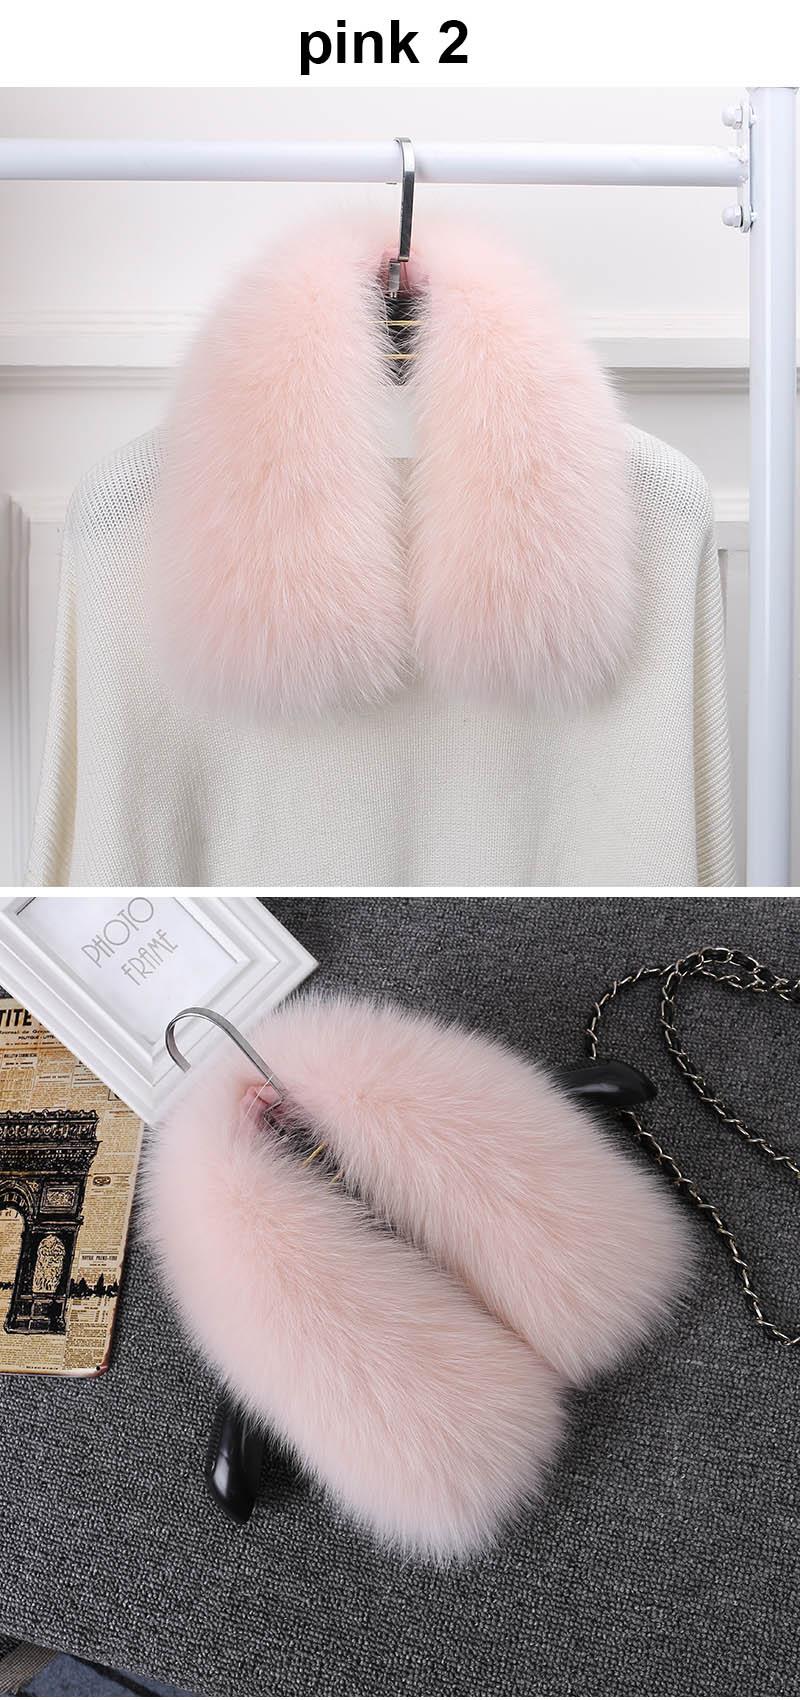 fox fur collar pink 2 11